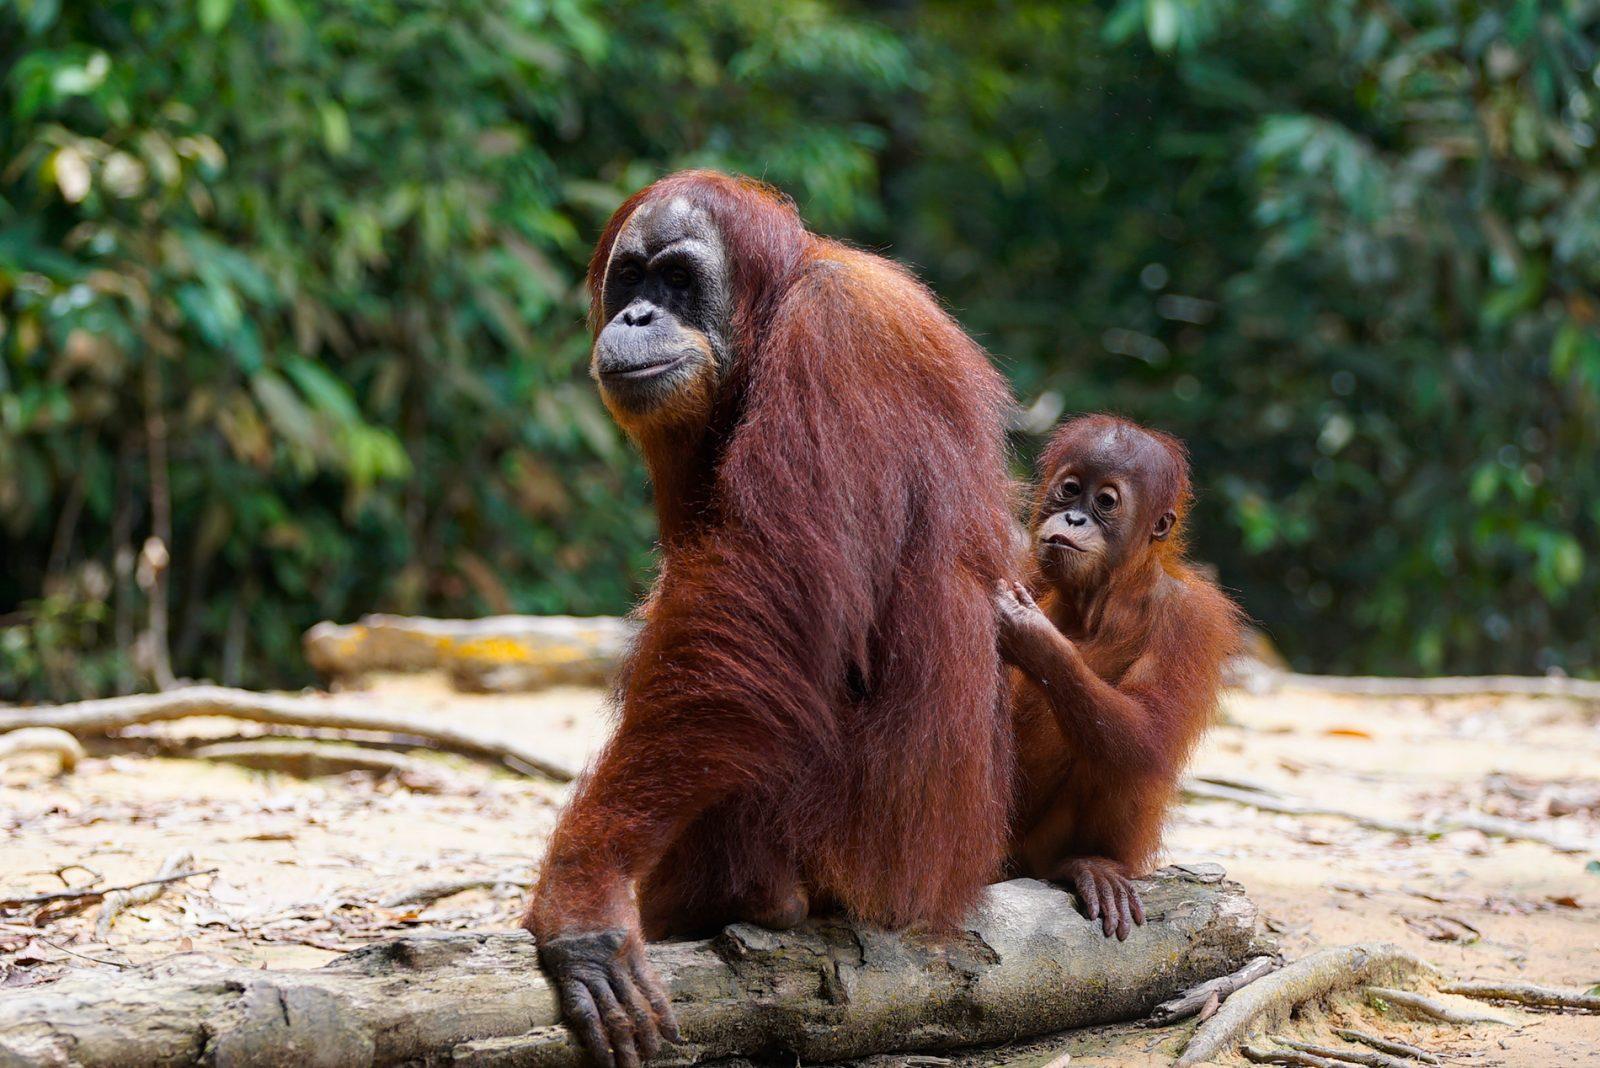 【スマトラ島】オランウータンと7種類の霊長類を探す旅